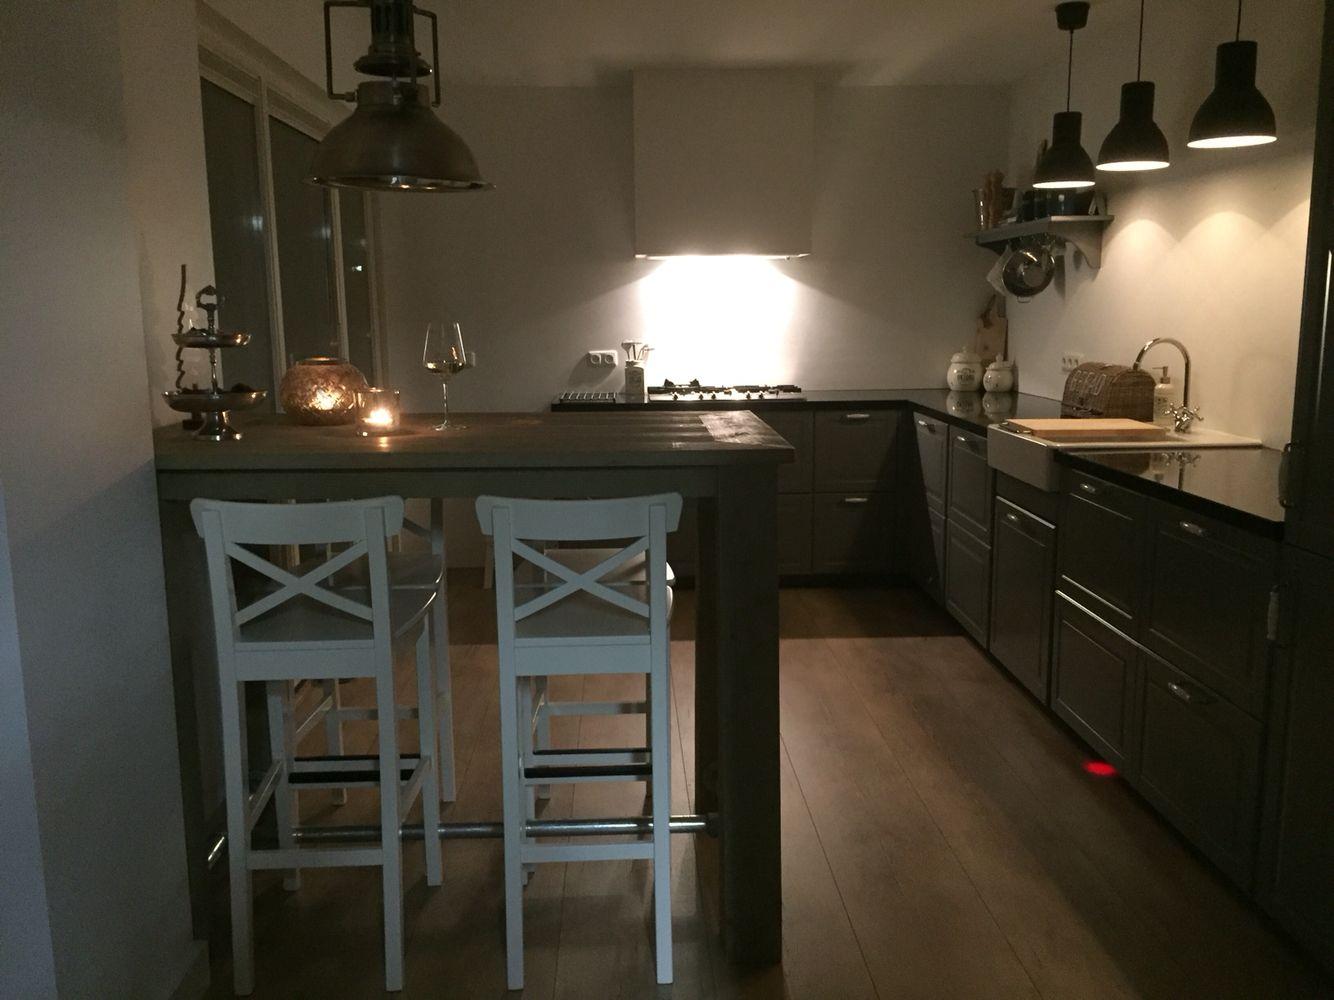 Diy Keuken Ikea : Bodbyn ikea keuken grijs met diy steigerhouten bar de